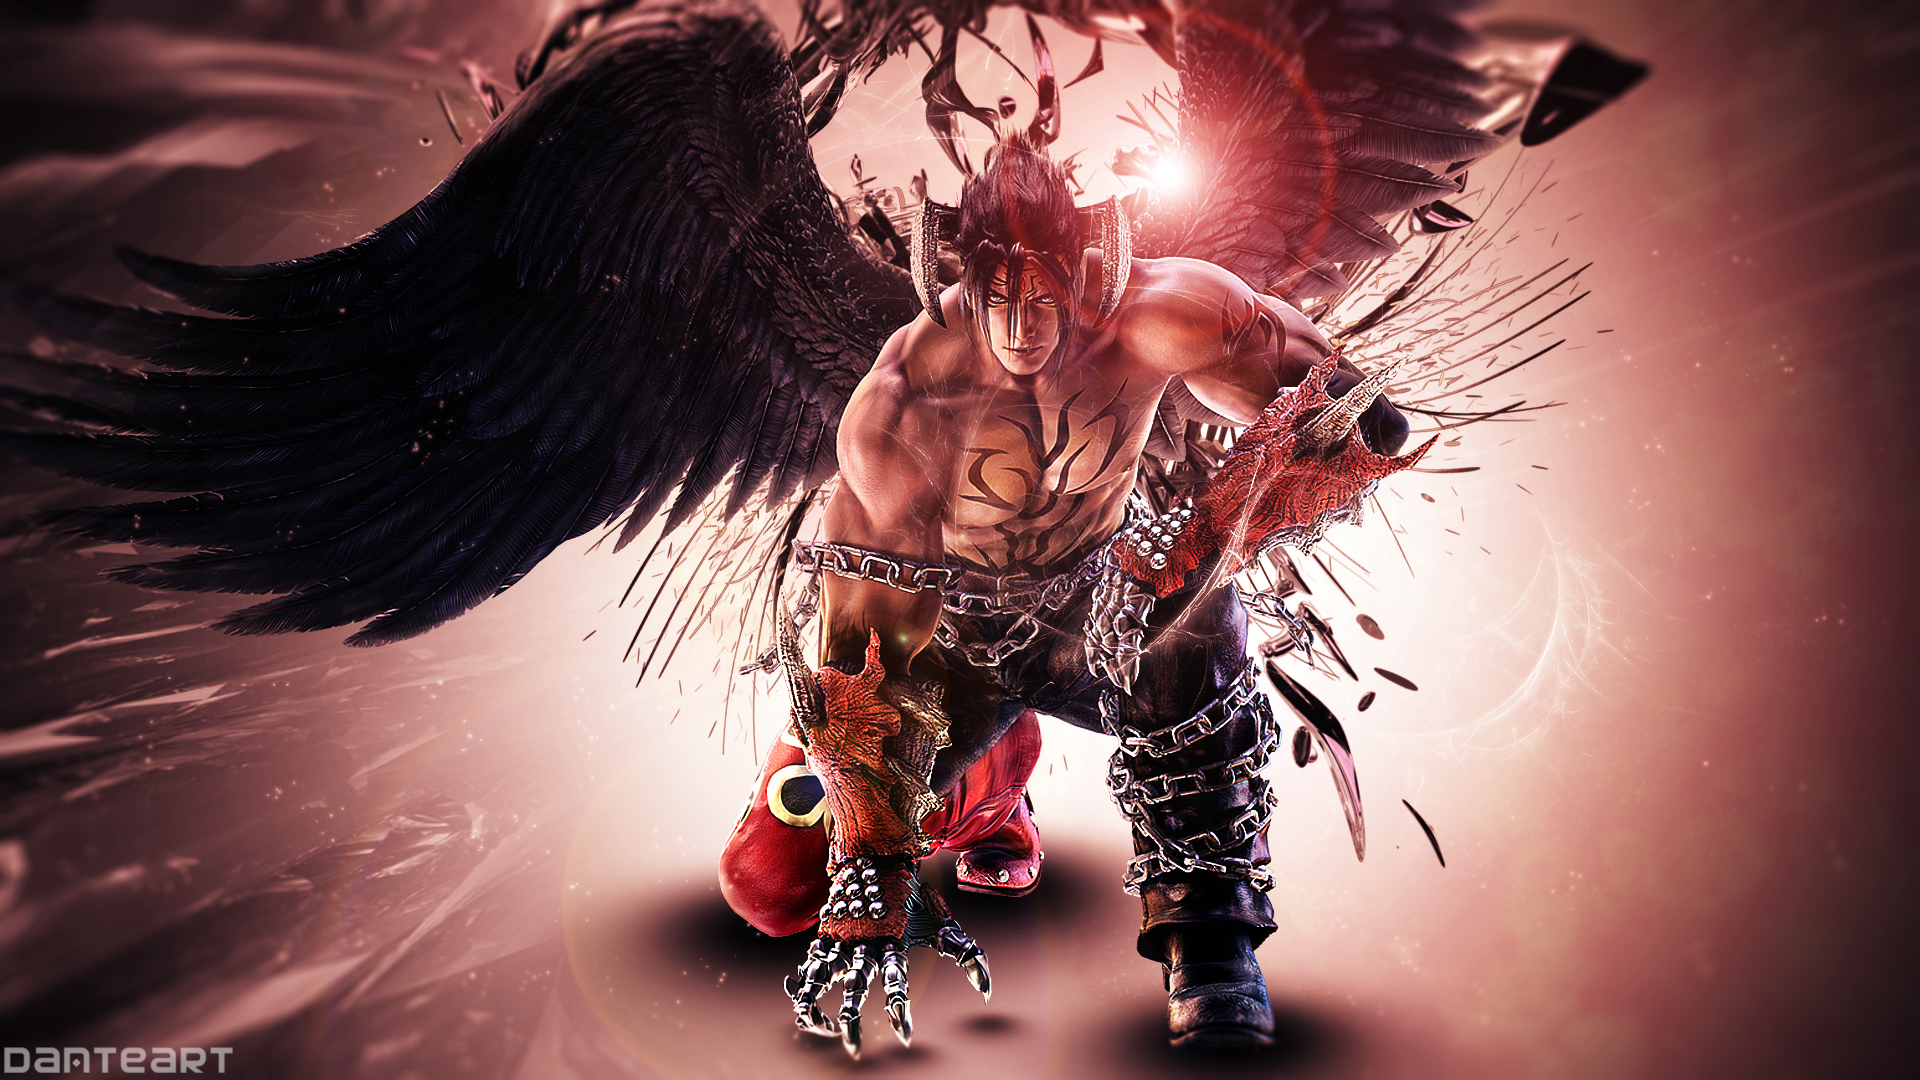 Tekken Tag 2 Devil Jin Wallpaper By Danteartwallpapers On Deviantart